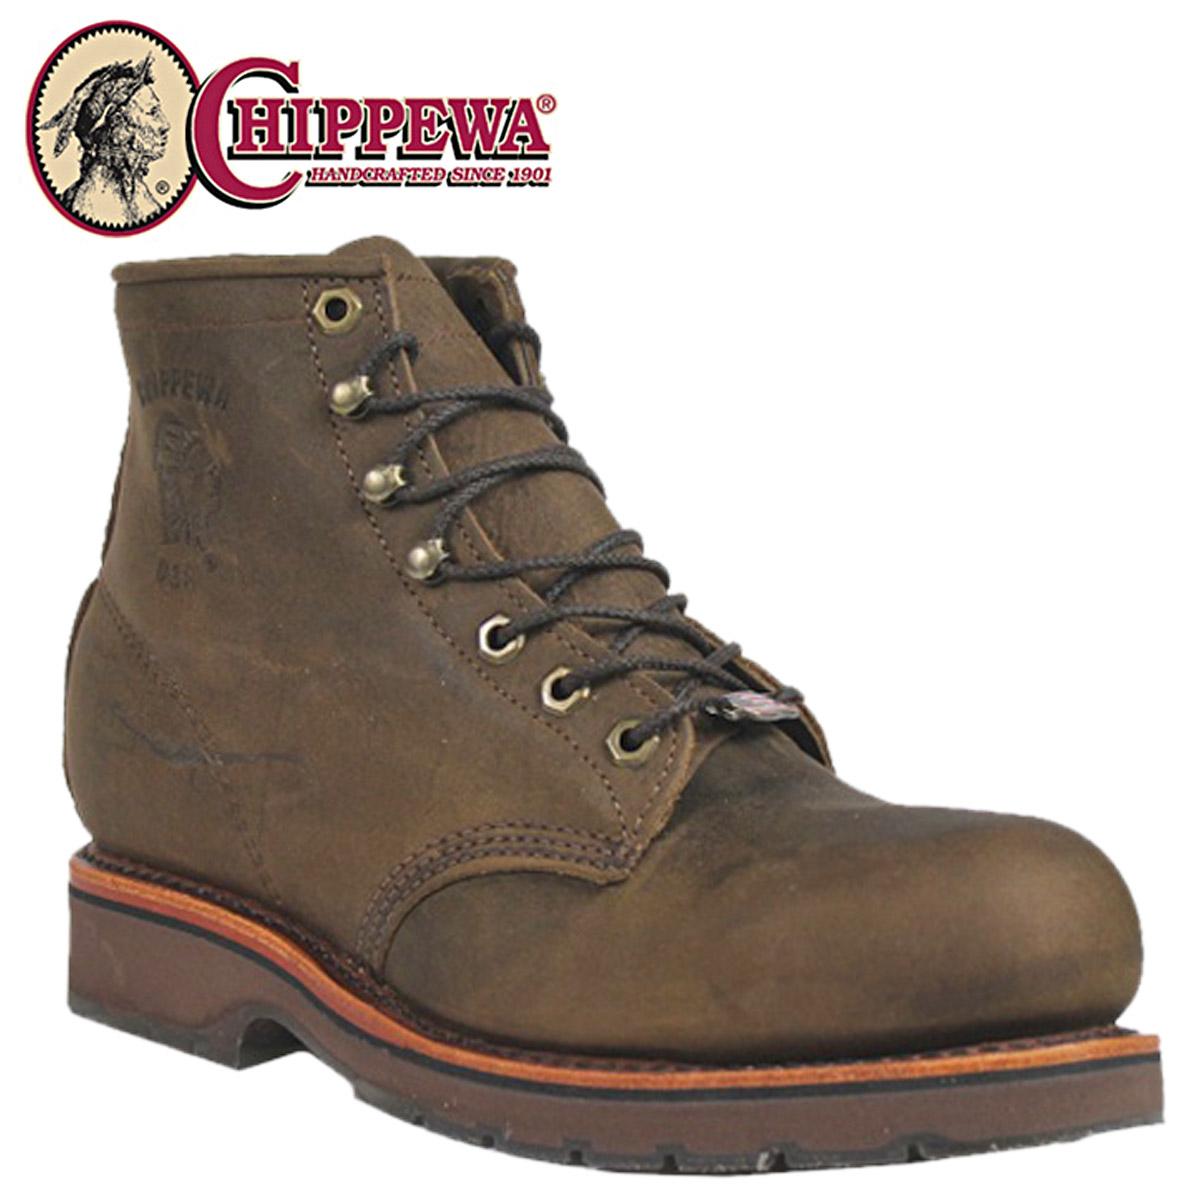 Chippewa6 27BnYyO